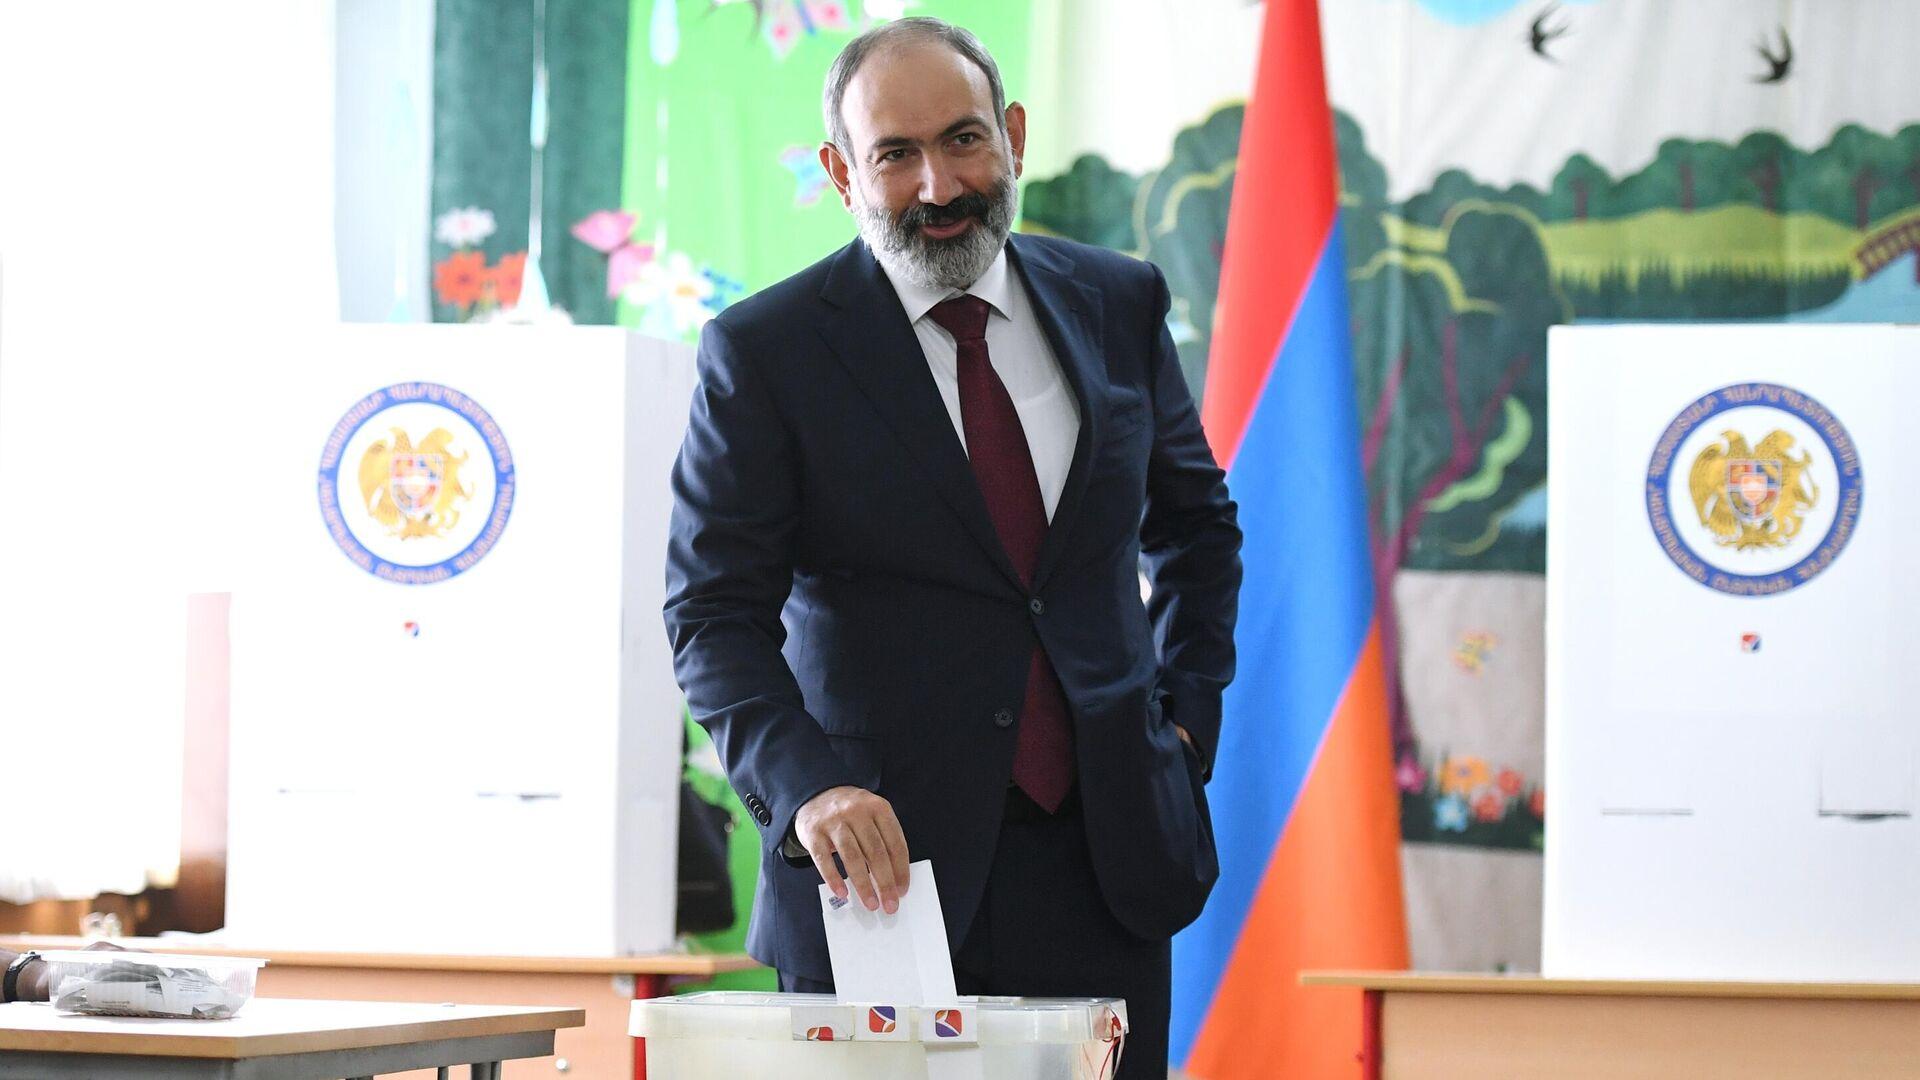 Исполняющий обязанности премьер-министра Никол Пашинян в одном из избирательных участков во время досрочных парламентских выборов в Армении - РИА Новости, 1920, 21.06.2021